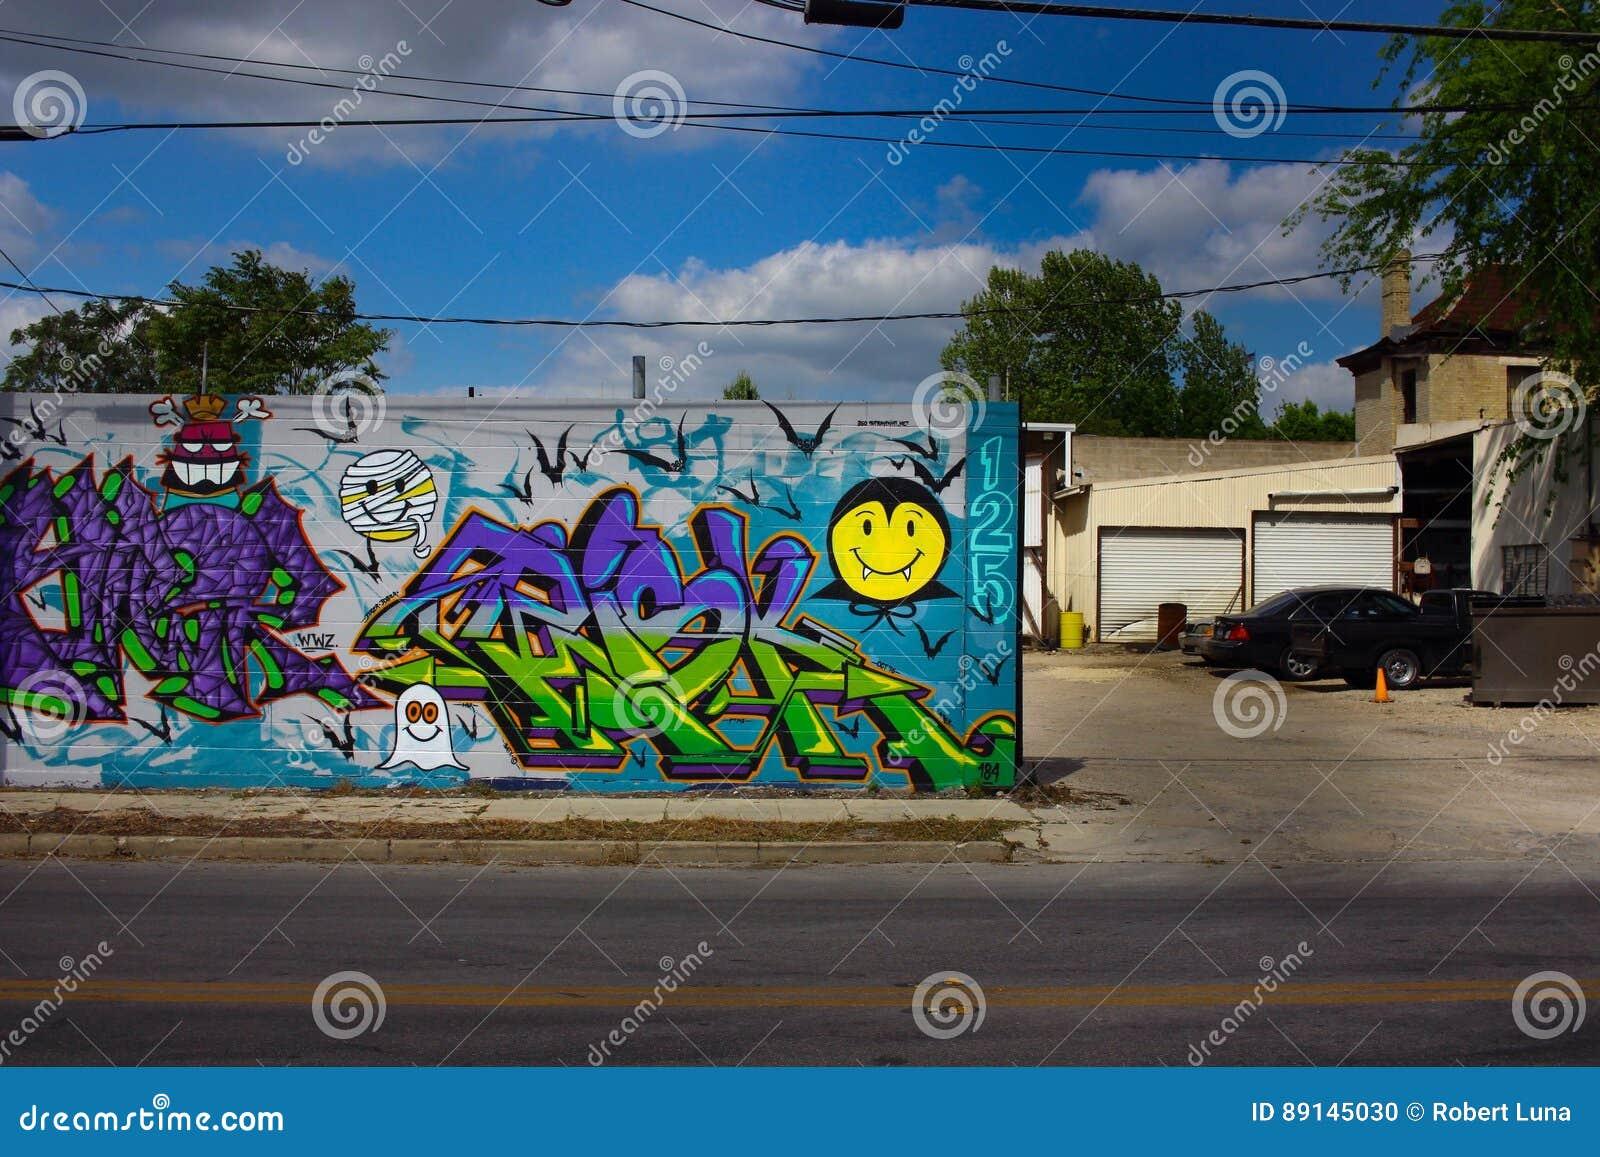 För grafittigata för konst färgrik räknad vägg